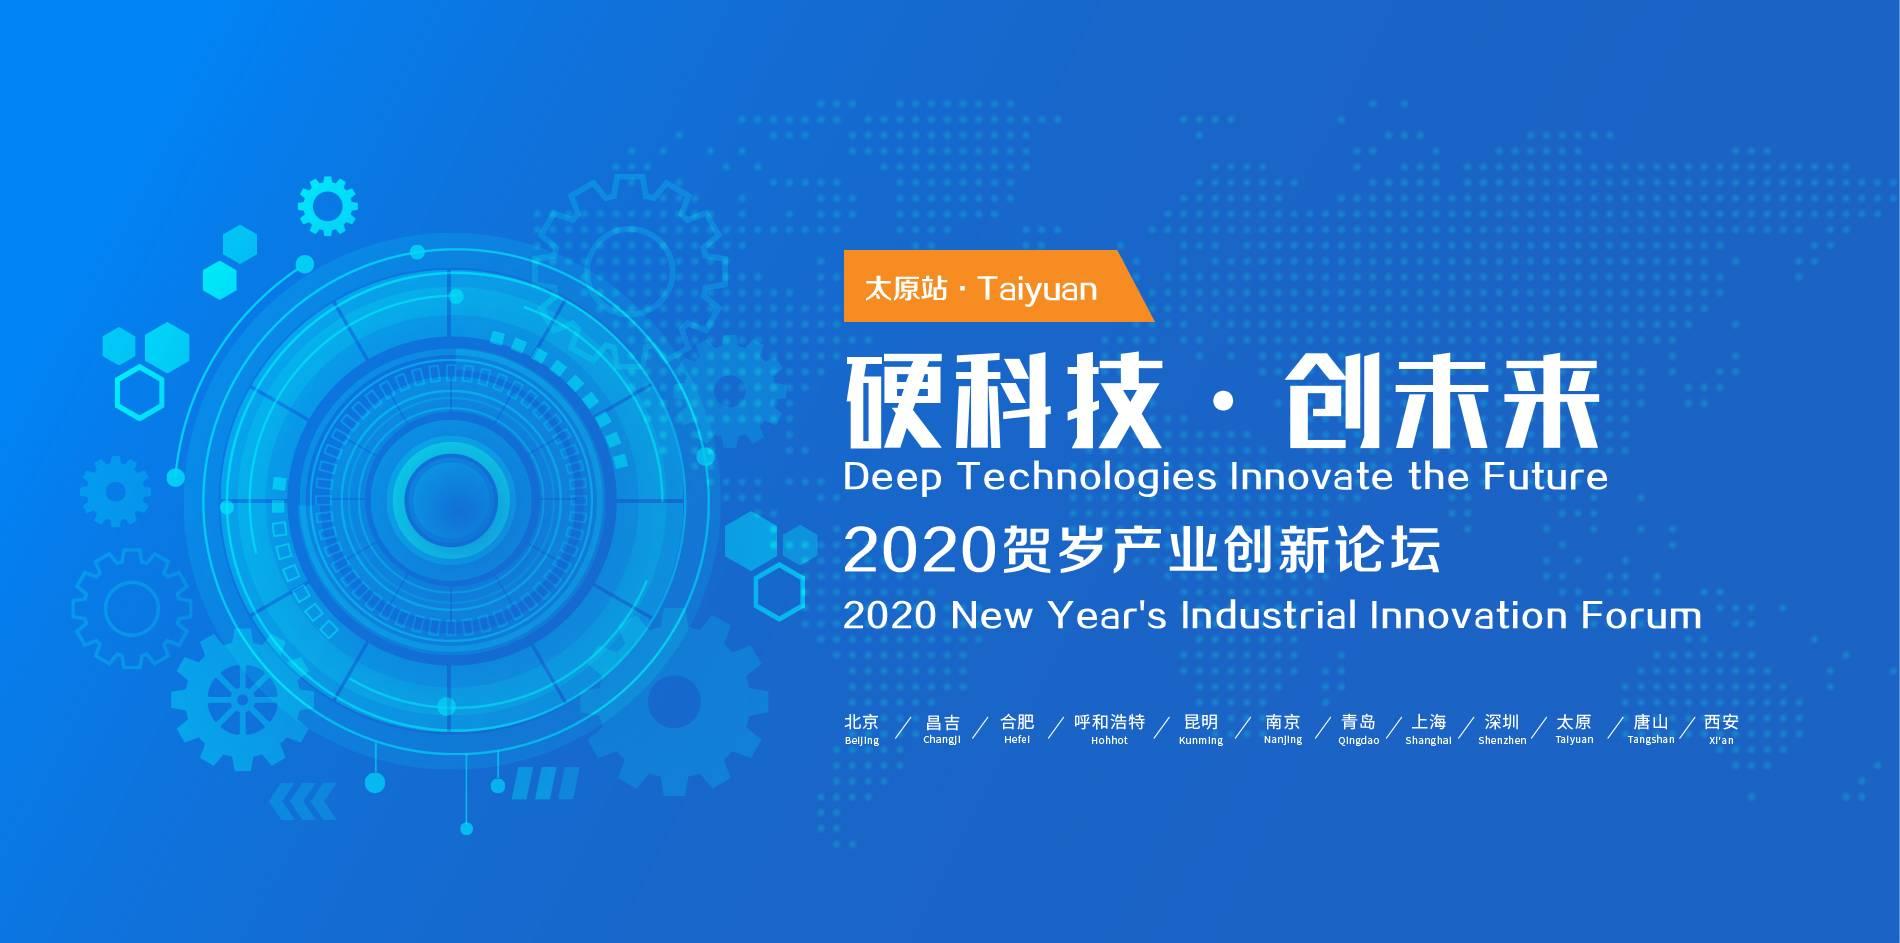 【活动】硬科技·创未来——2020贺岁产业创新论坛·太原站-亿欧